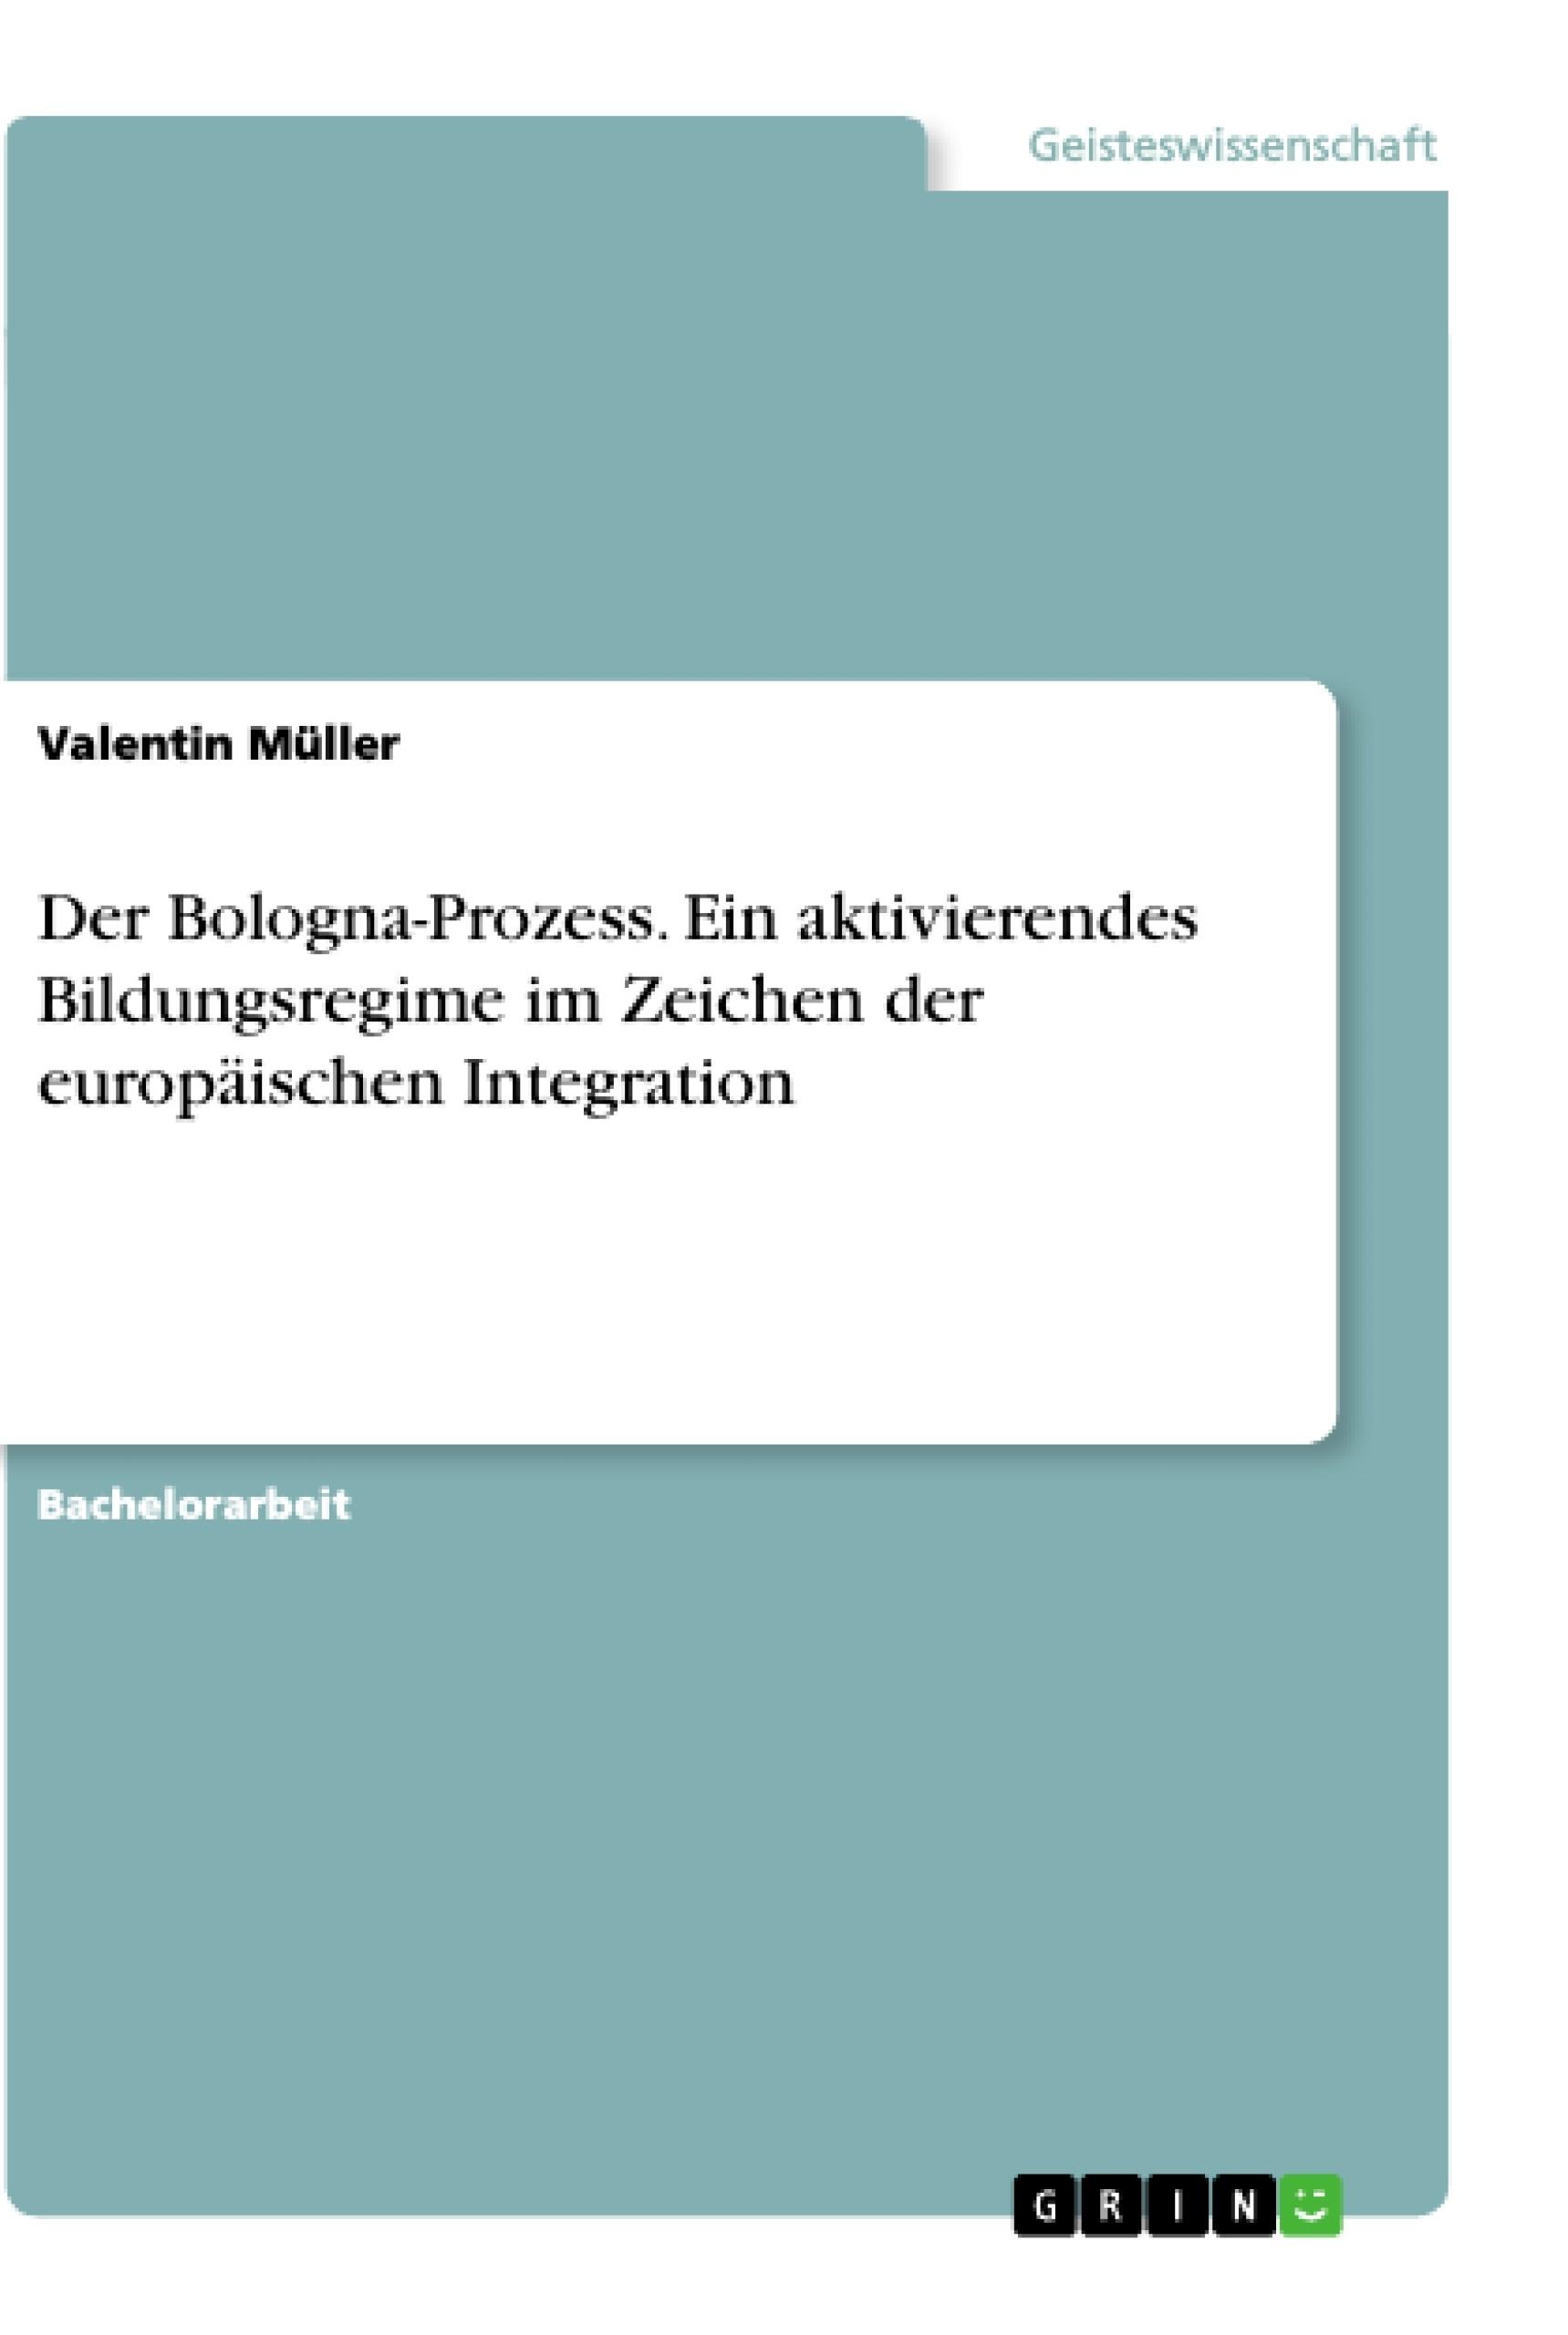 Titel: Der Bologna-Prozess. Ein aktivierendes Bildungsregime im Zeichen der europäischen Integration